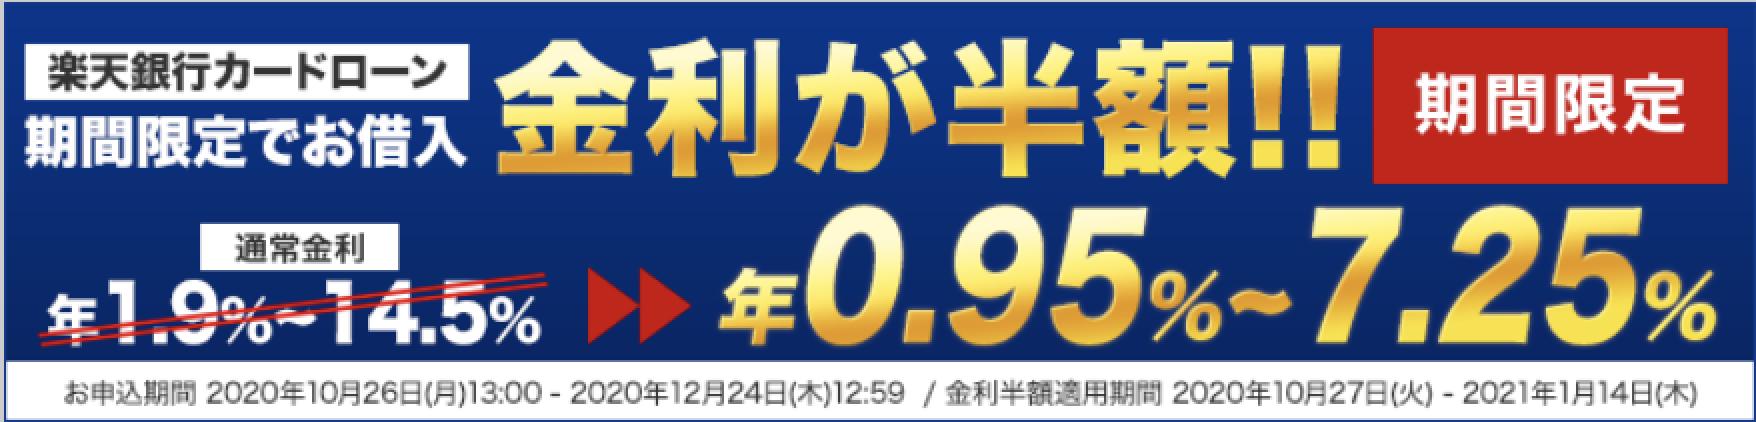 楽天銀行スーパーローンのイメージ画像